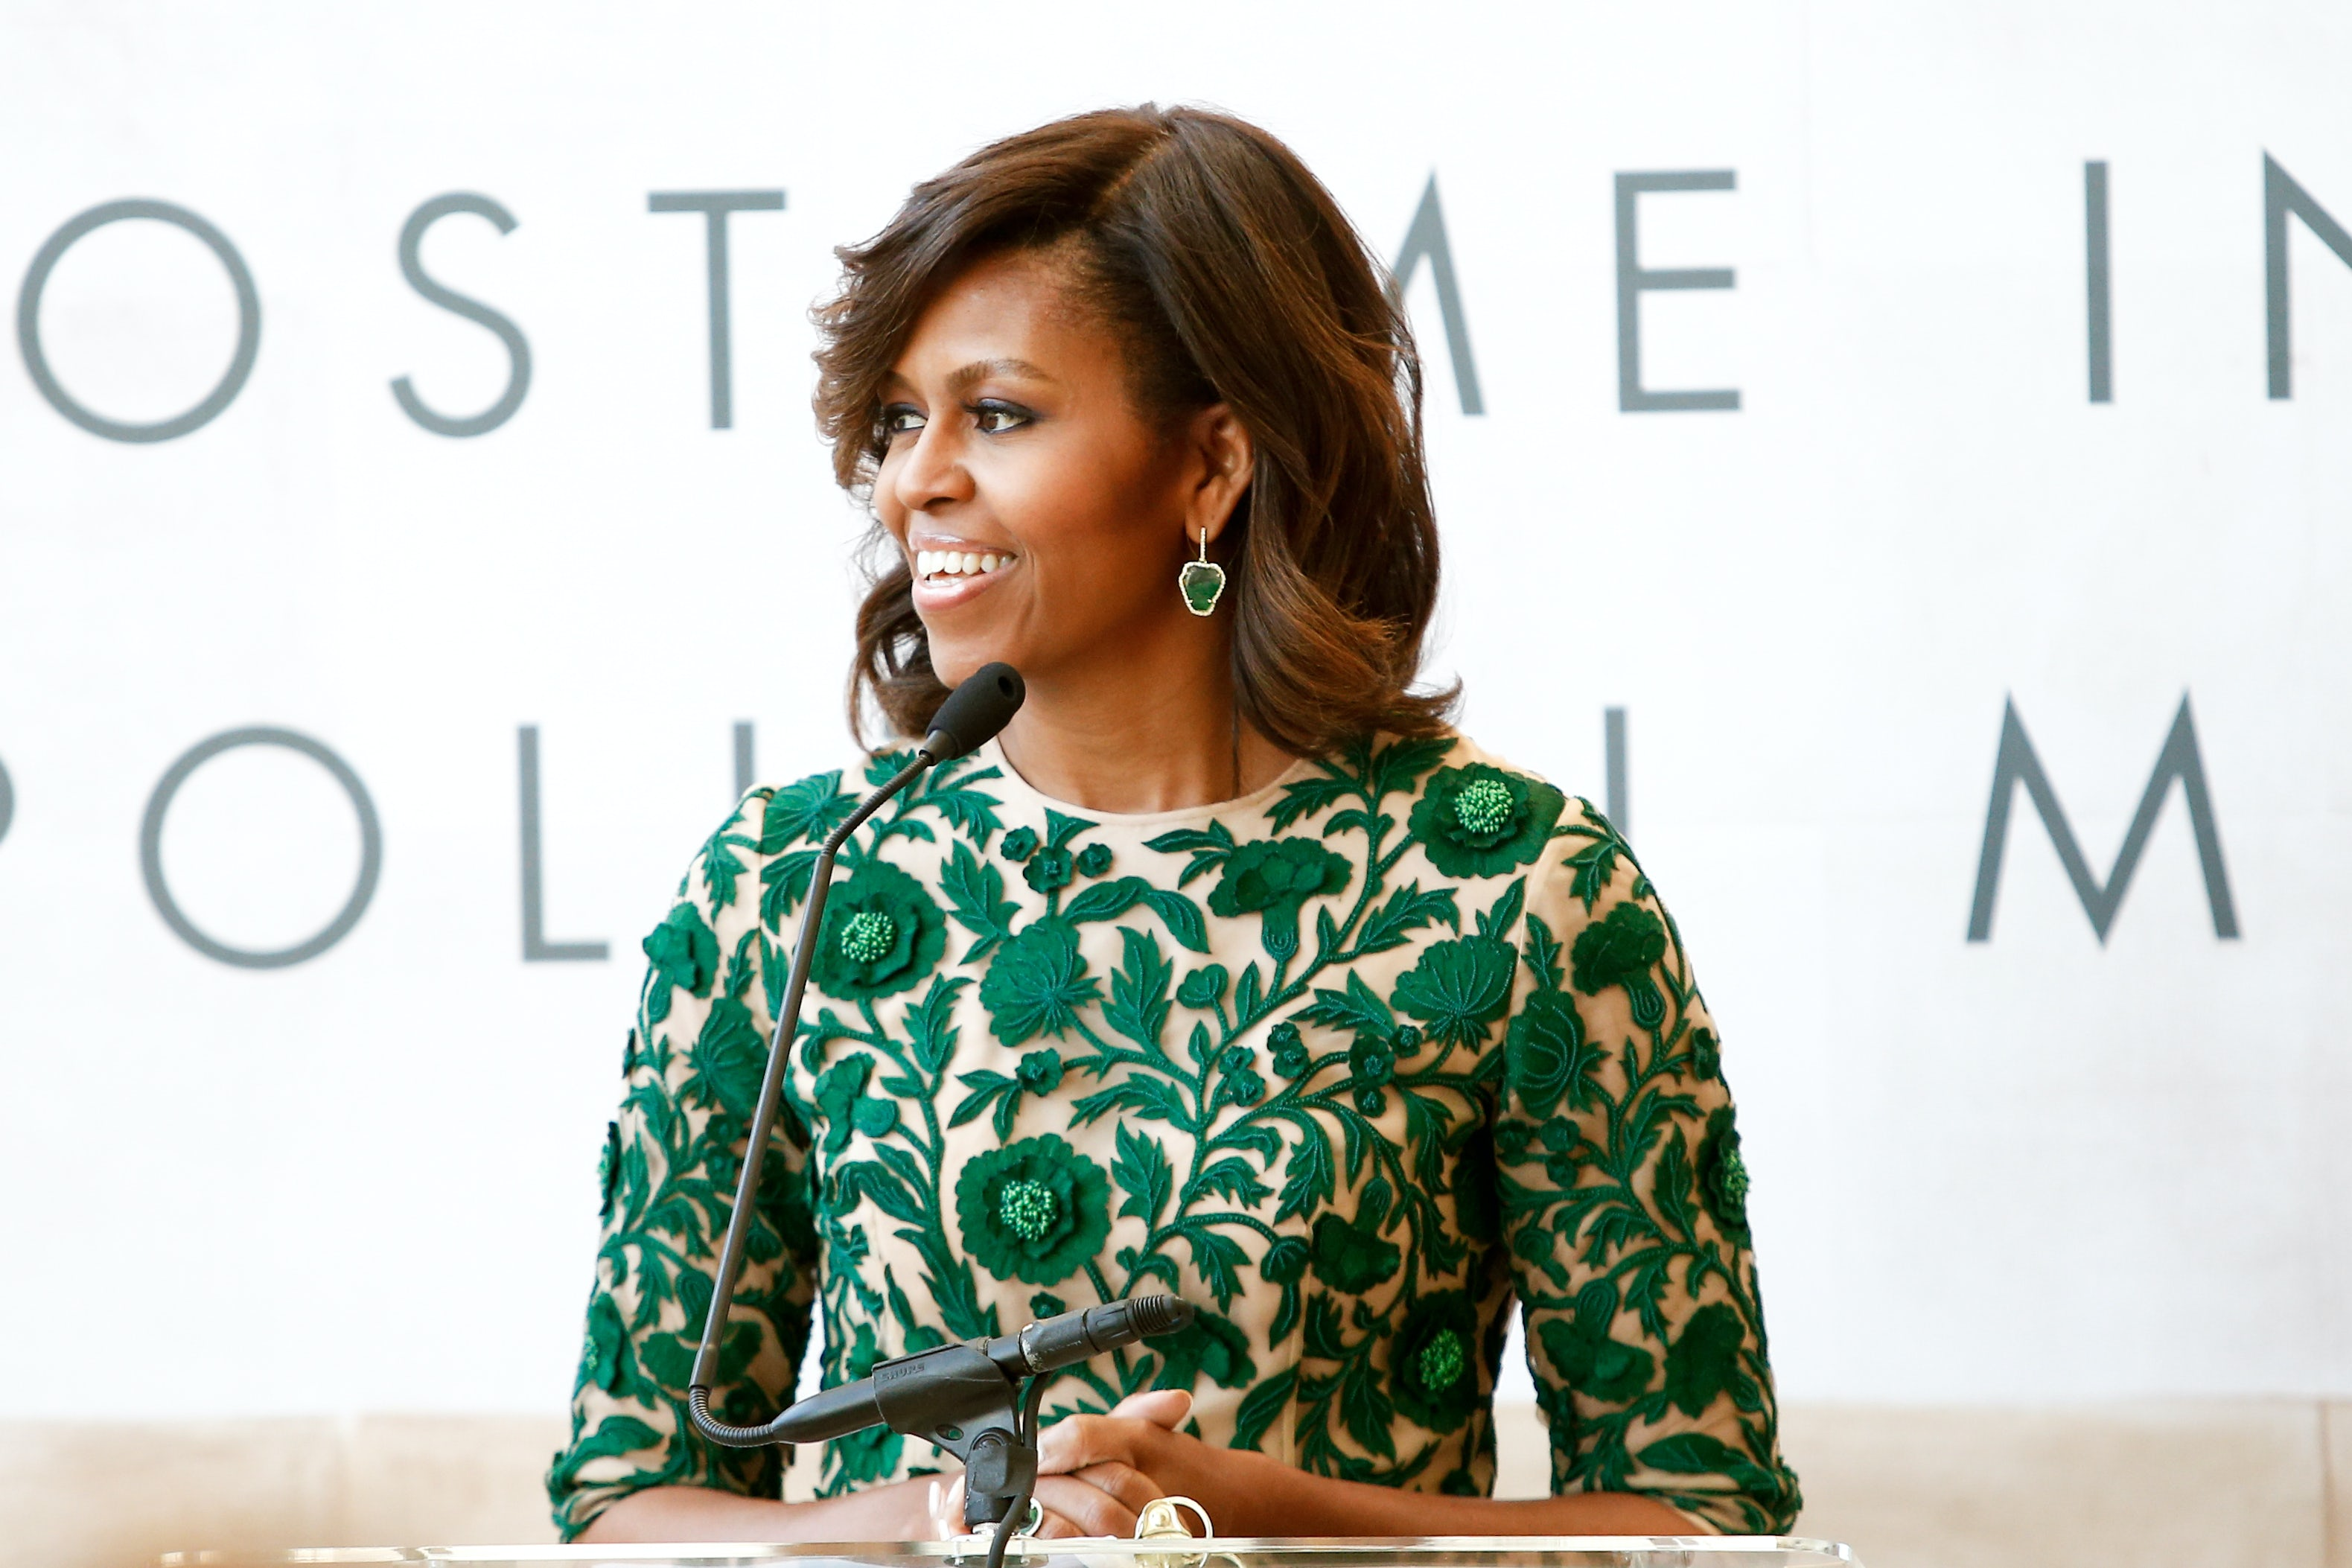 Michelle Obama | Source: Shutterstock